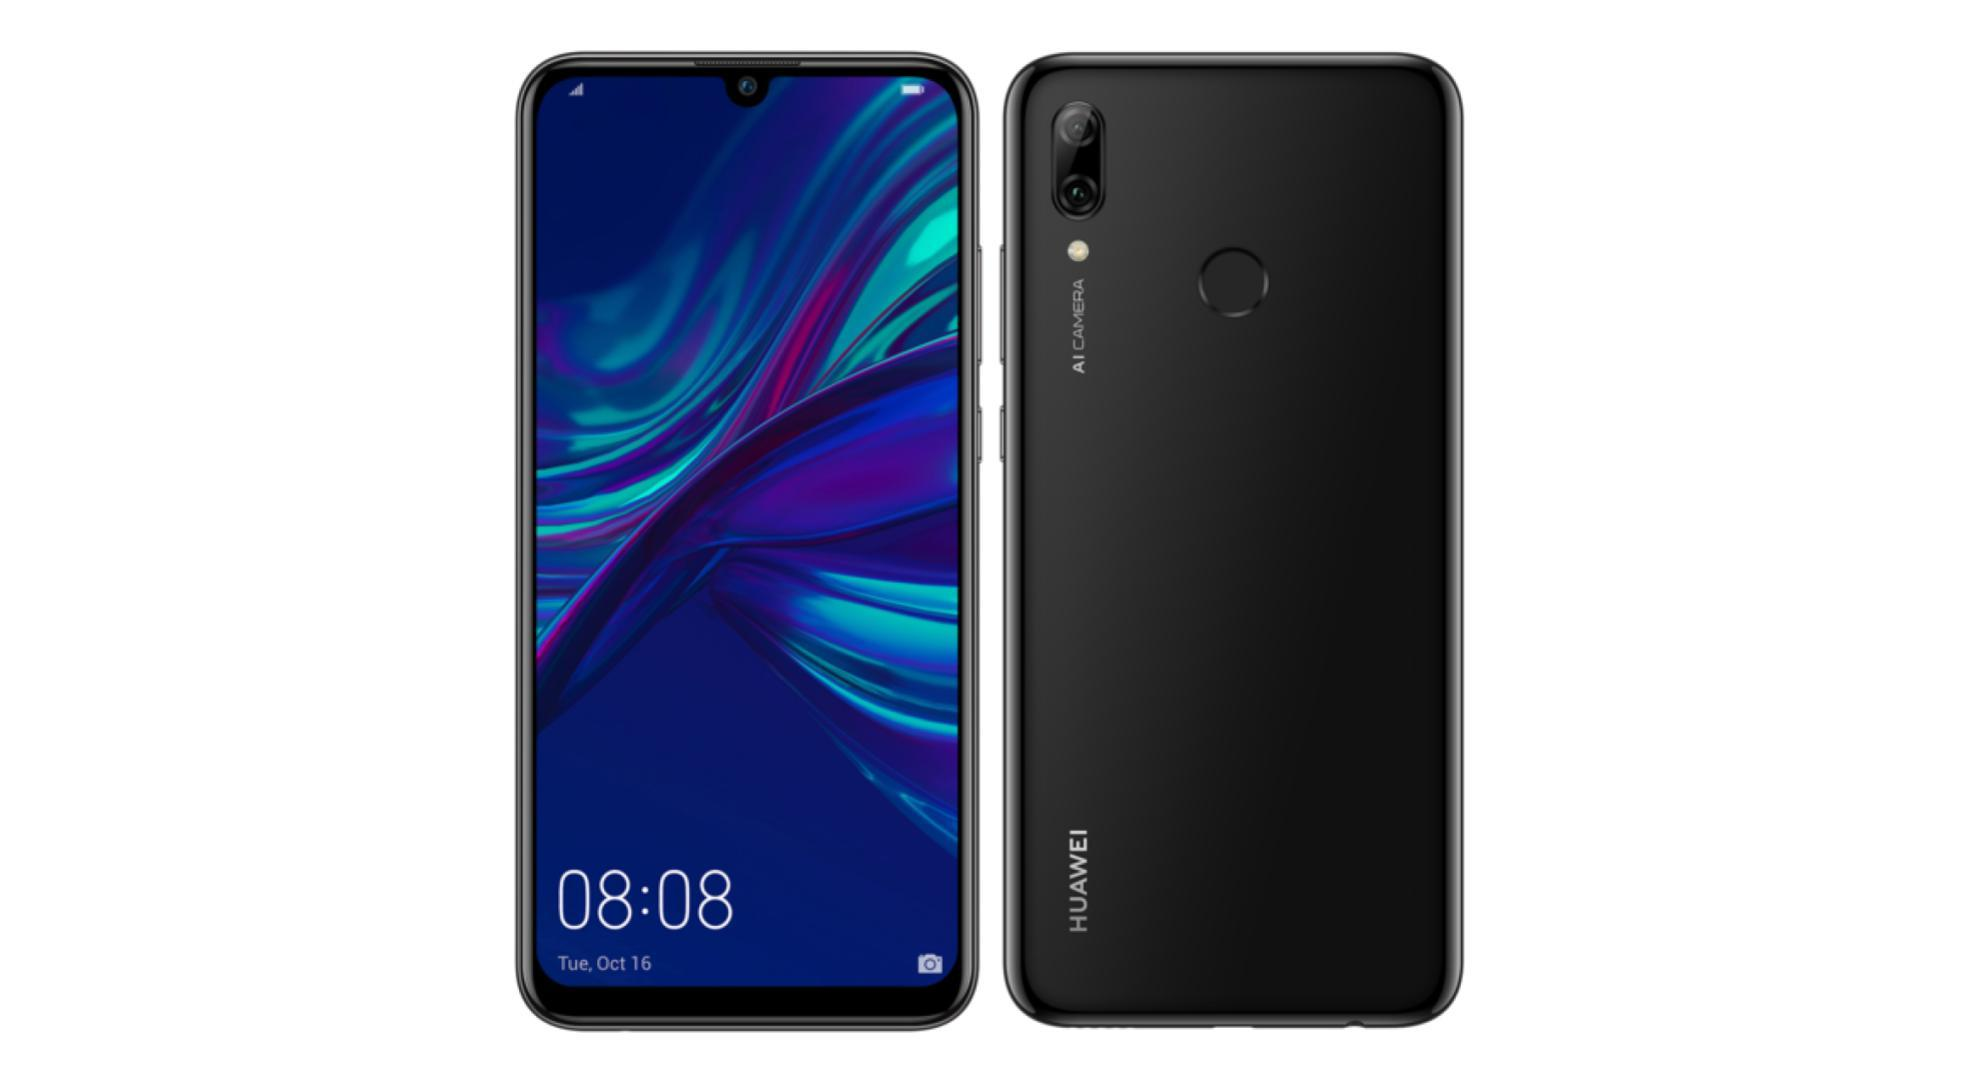 🔥 Bon plan : le Huawei P Smart 2019 descend déjà à 219 euros au lieu de 249 euros